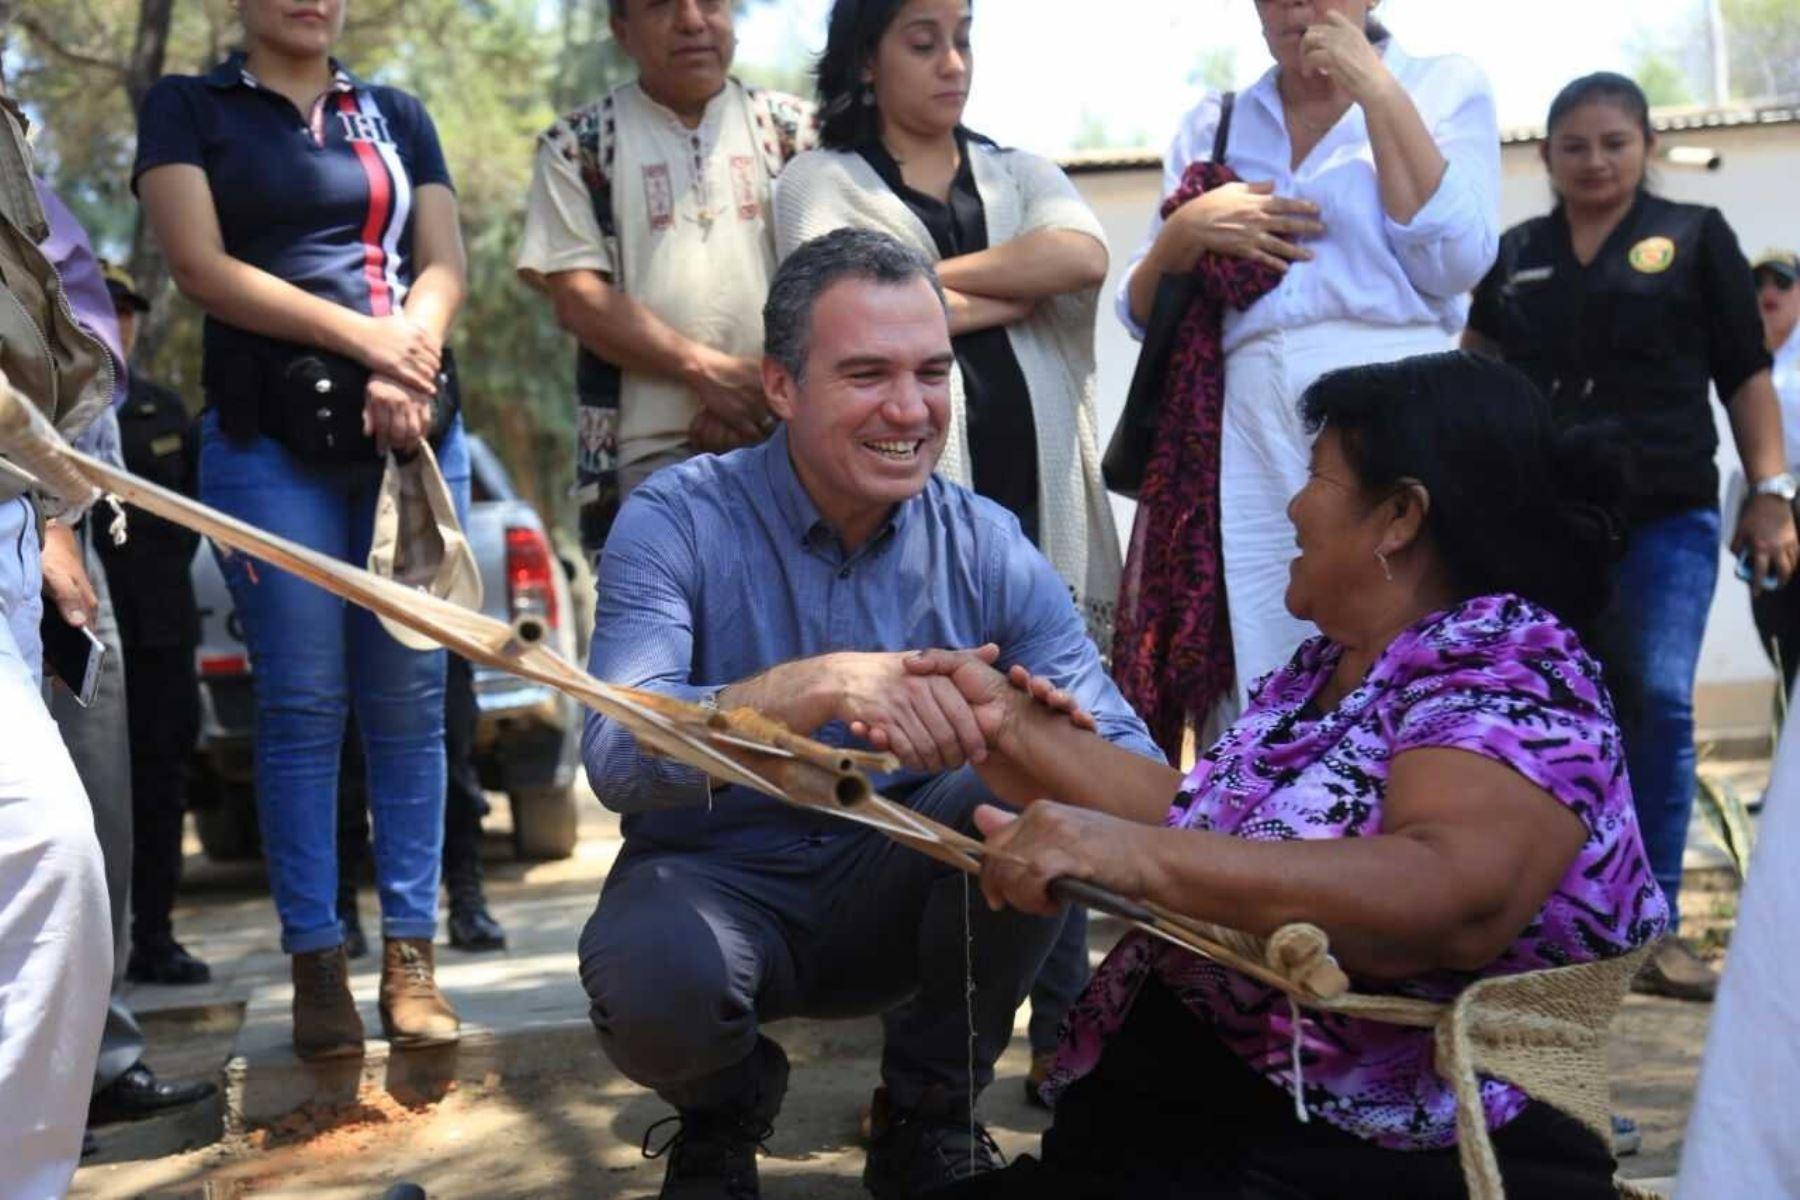 El ministro de Cultura, Salvador del Solar, junto con Martha Zegarra, directora ejecutiva del World Monument Fund Perú (WMF), presentó los trabajos de investigación, conservación y uso público en beneficio de la Huaca I: complejo arqueológico Túcume, afectada por El Niño costero.